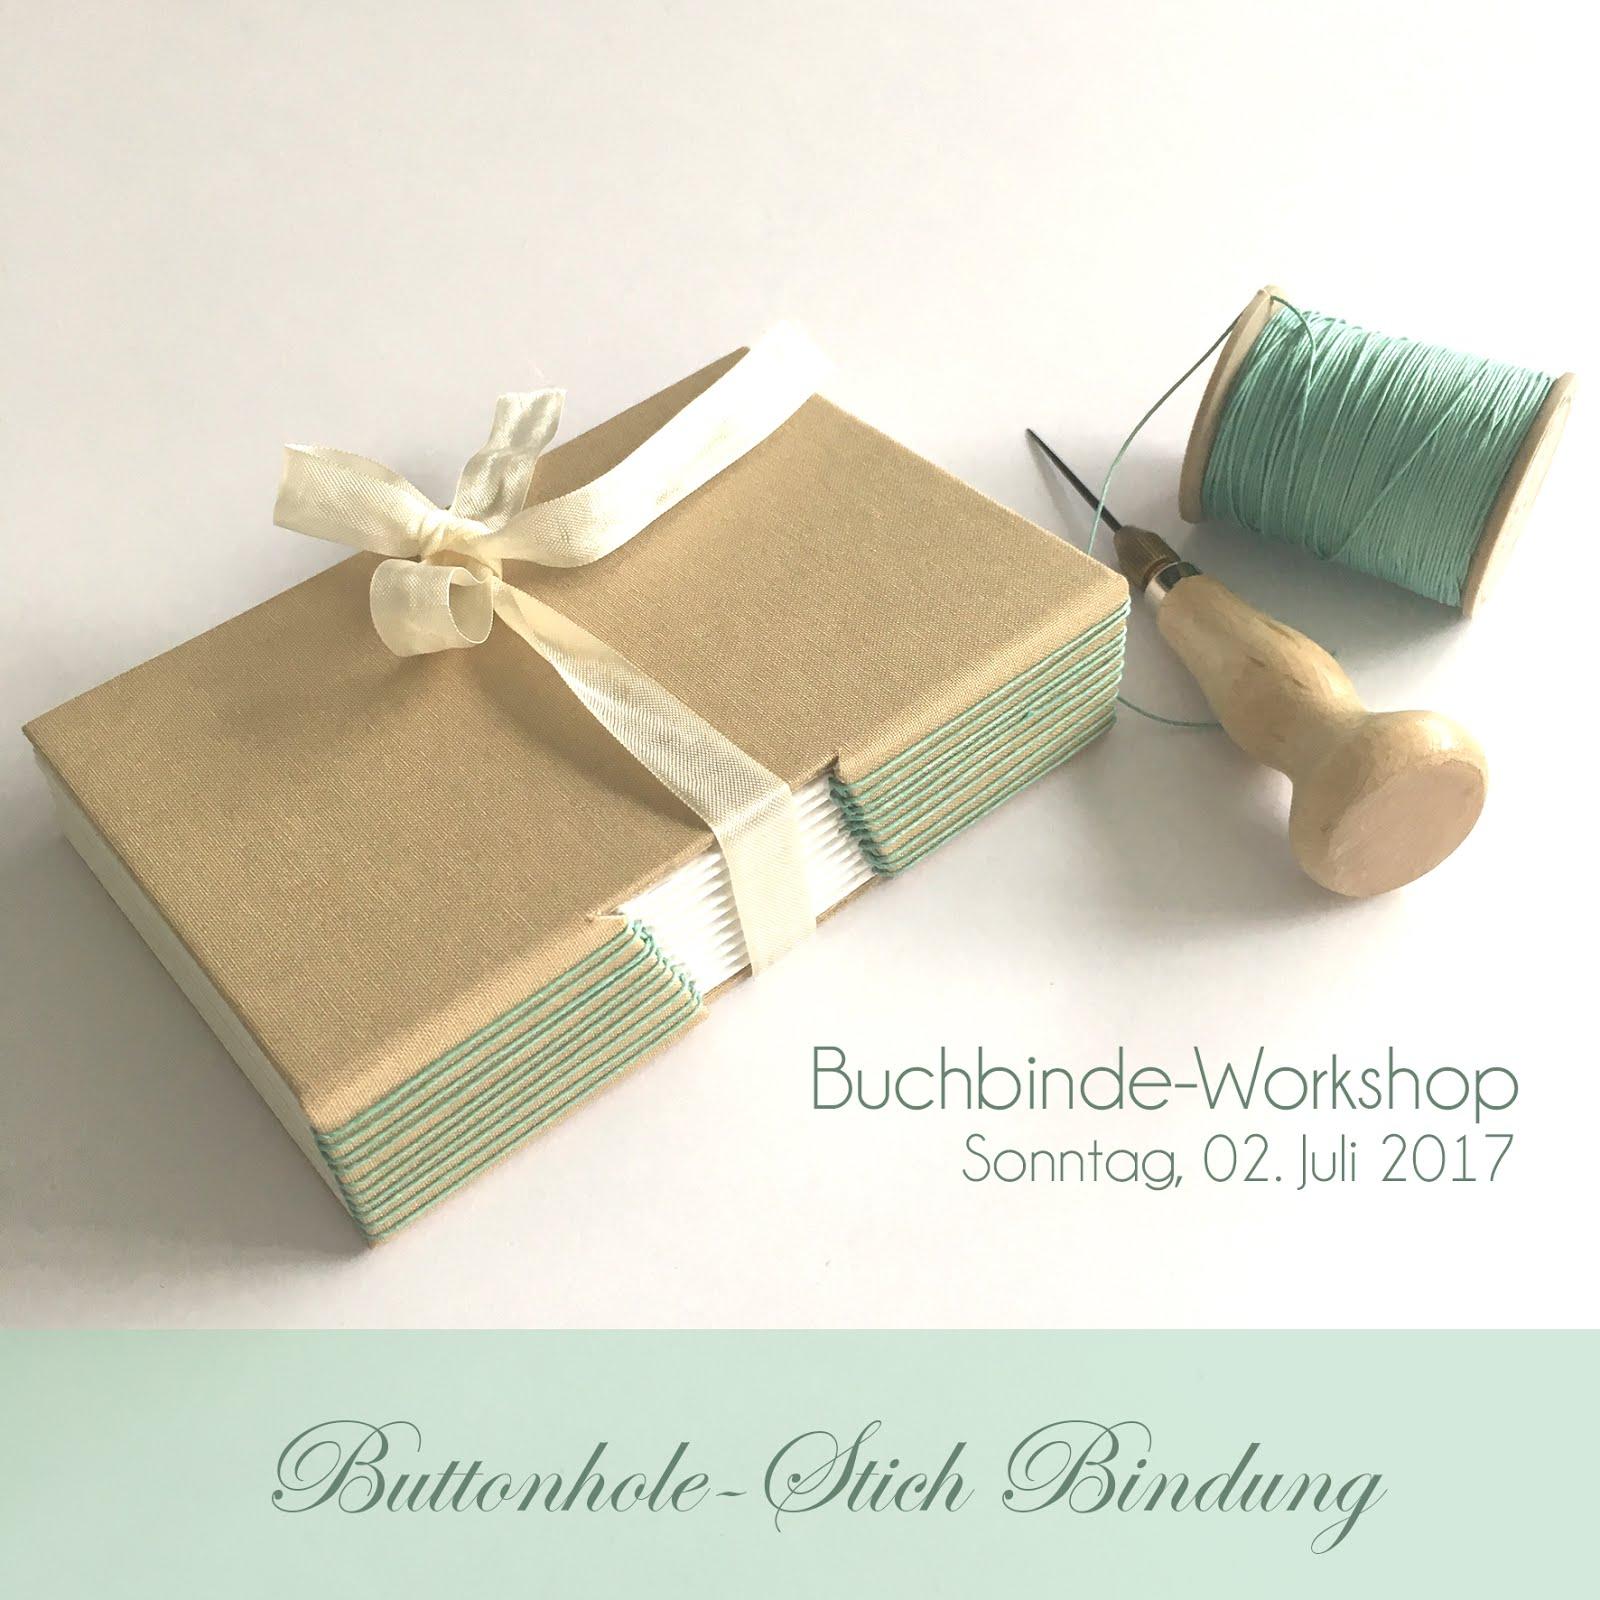 Nächster Buchbinde-Workshop